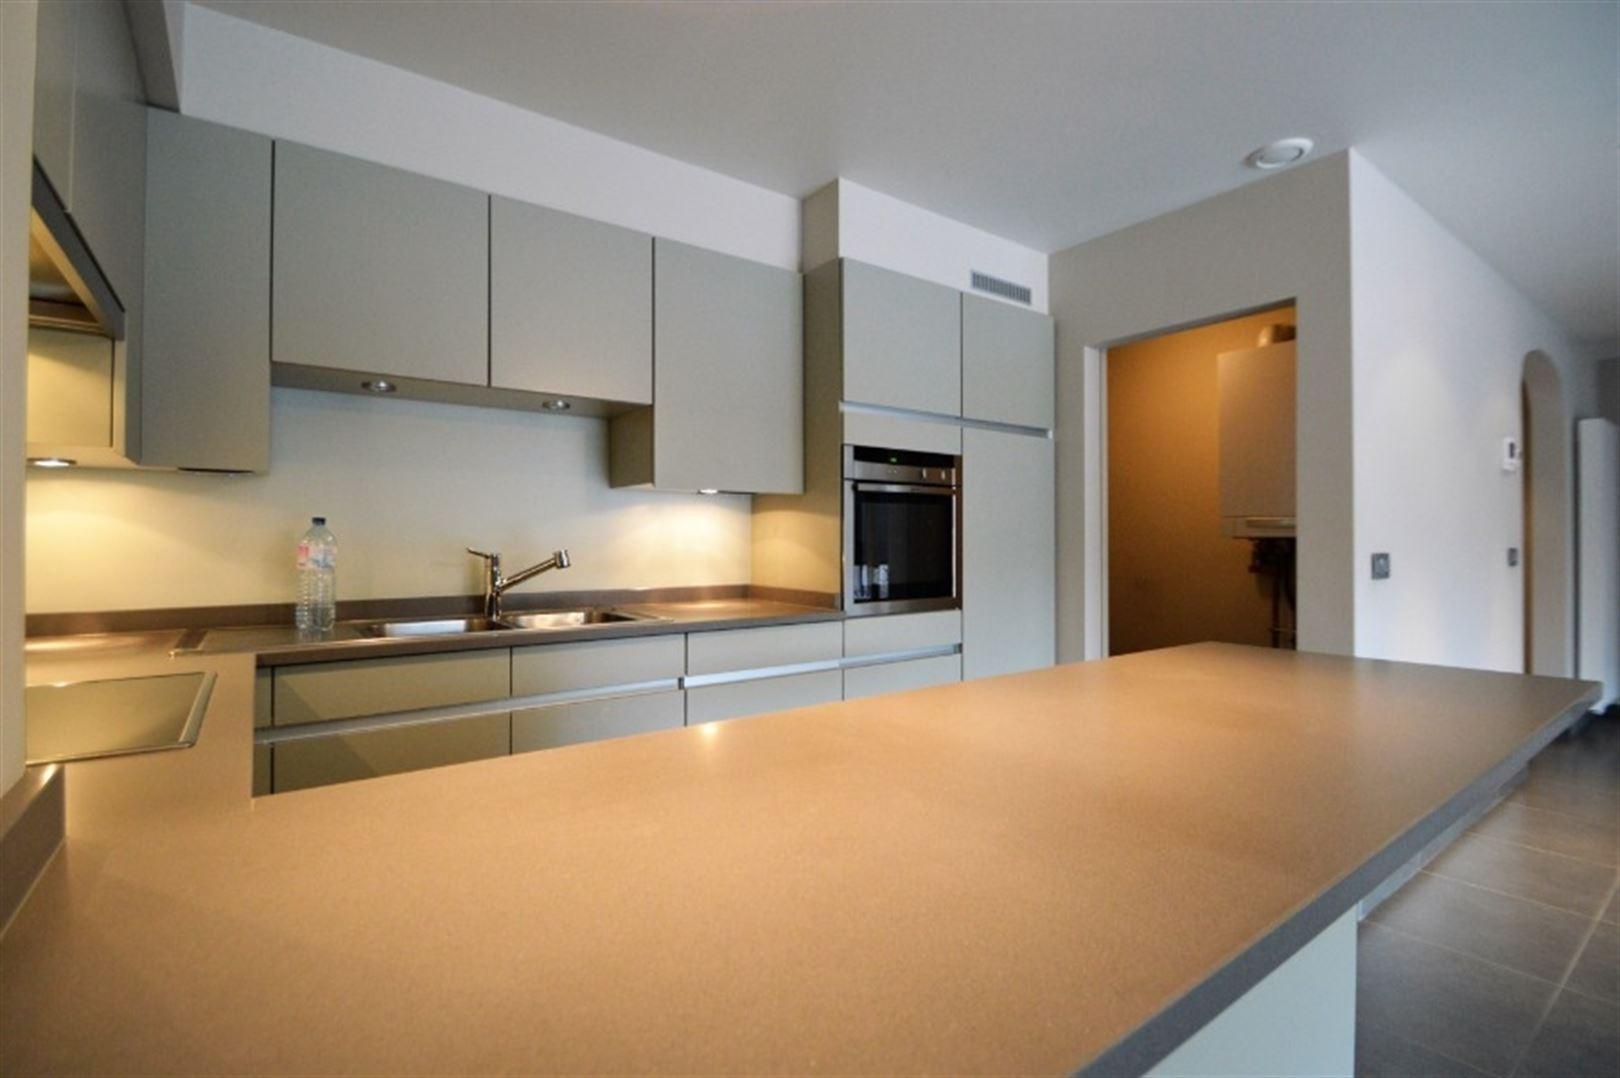 Foto 10 : Appartement te 9240 Zele (België) - Prijs € 725